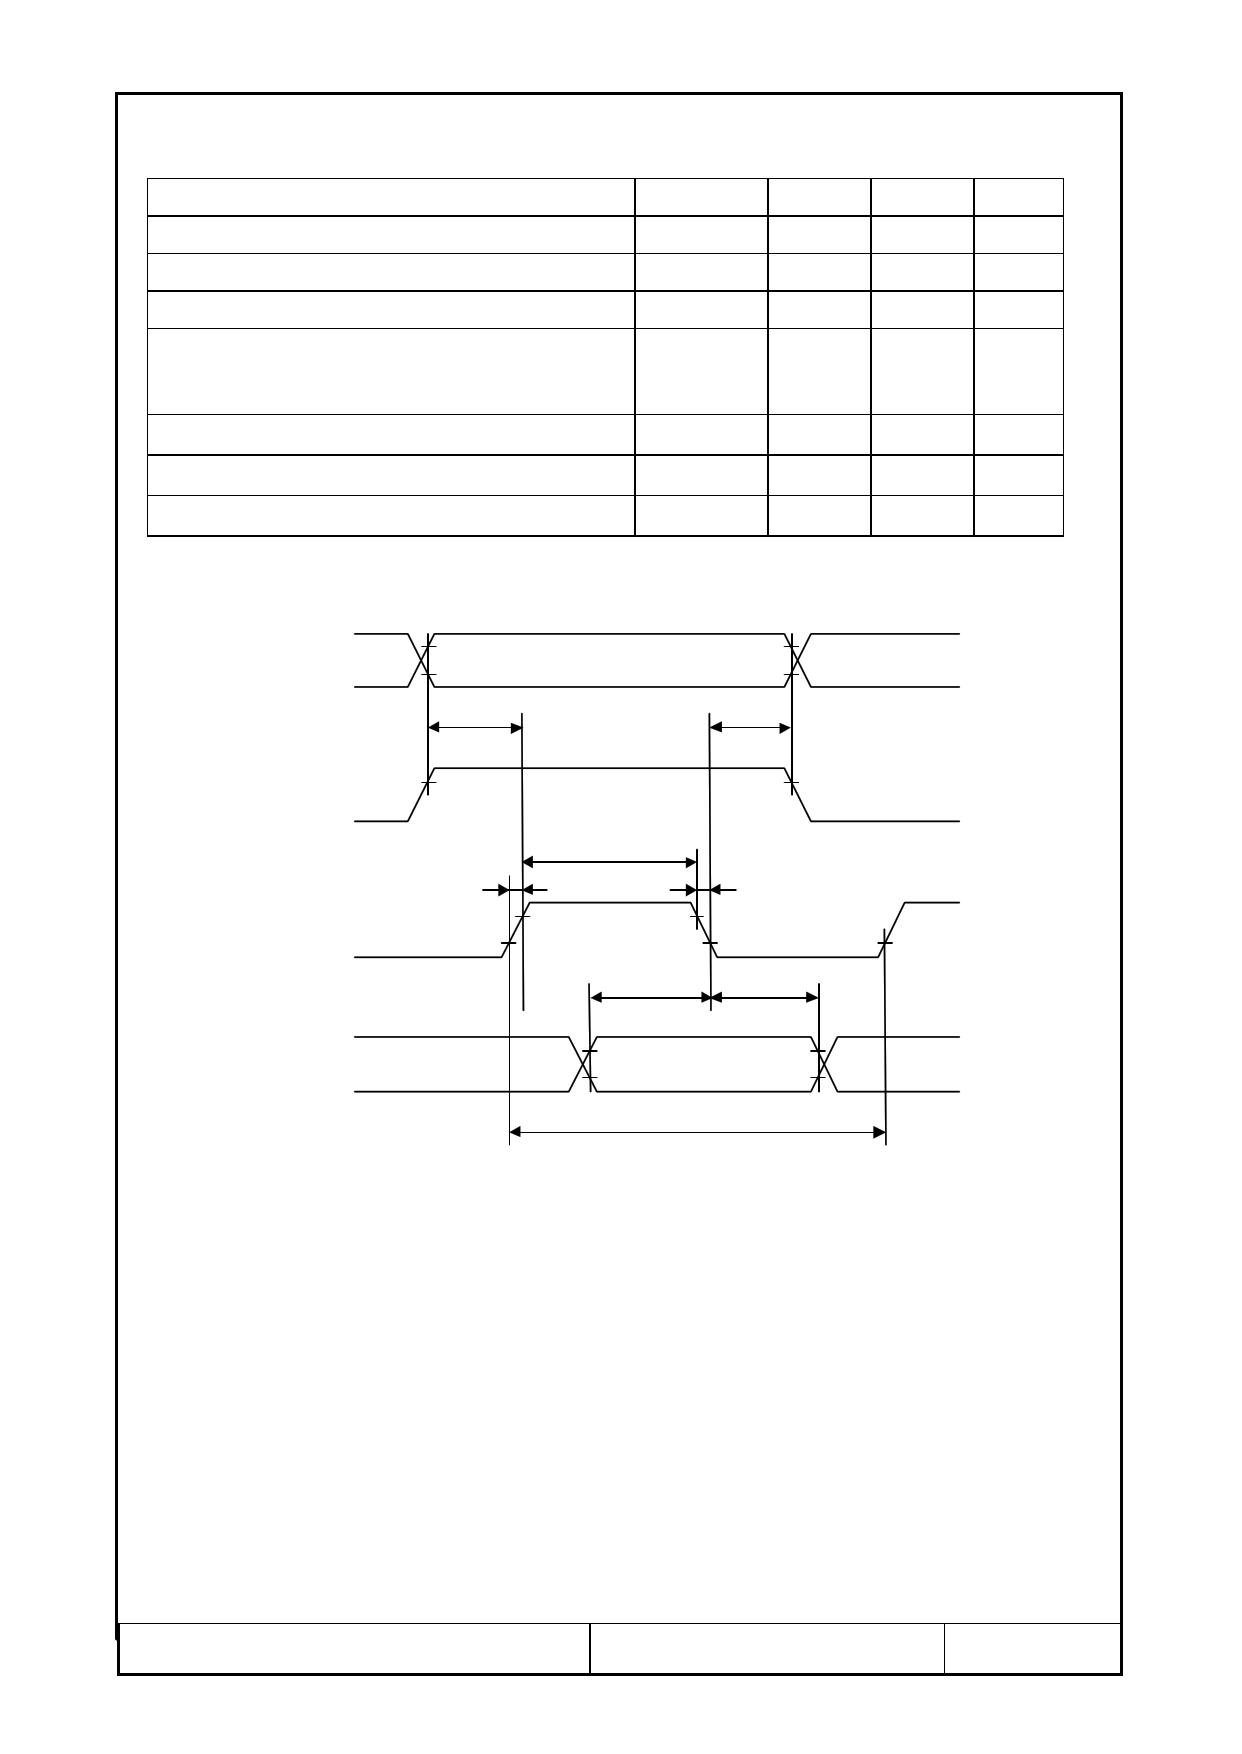 C-51505NFQJ-LW-AD pdf